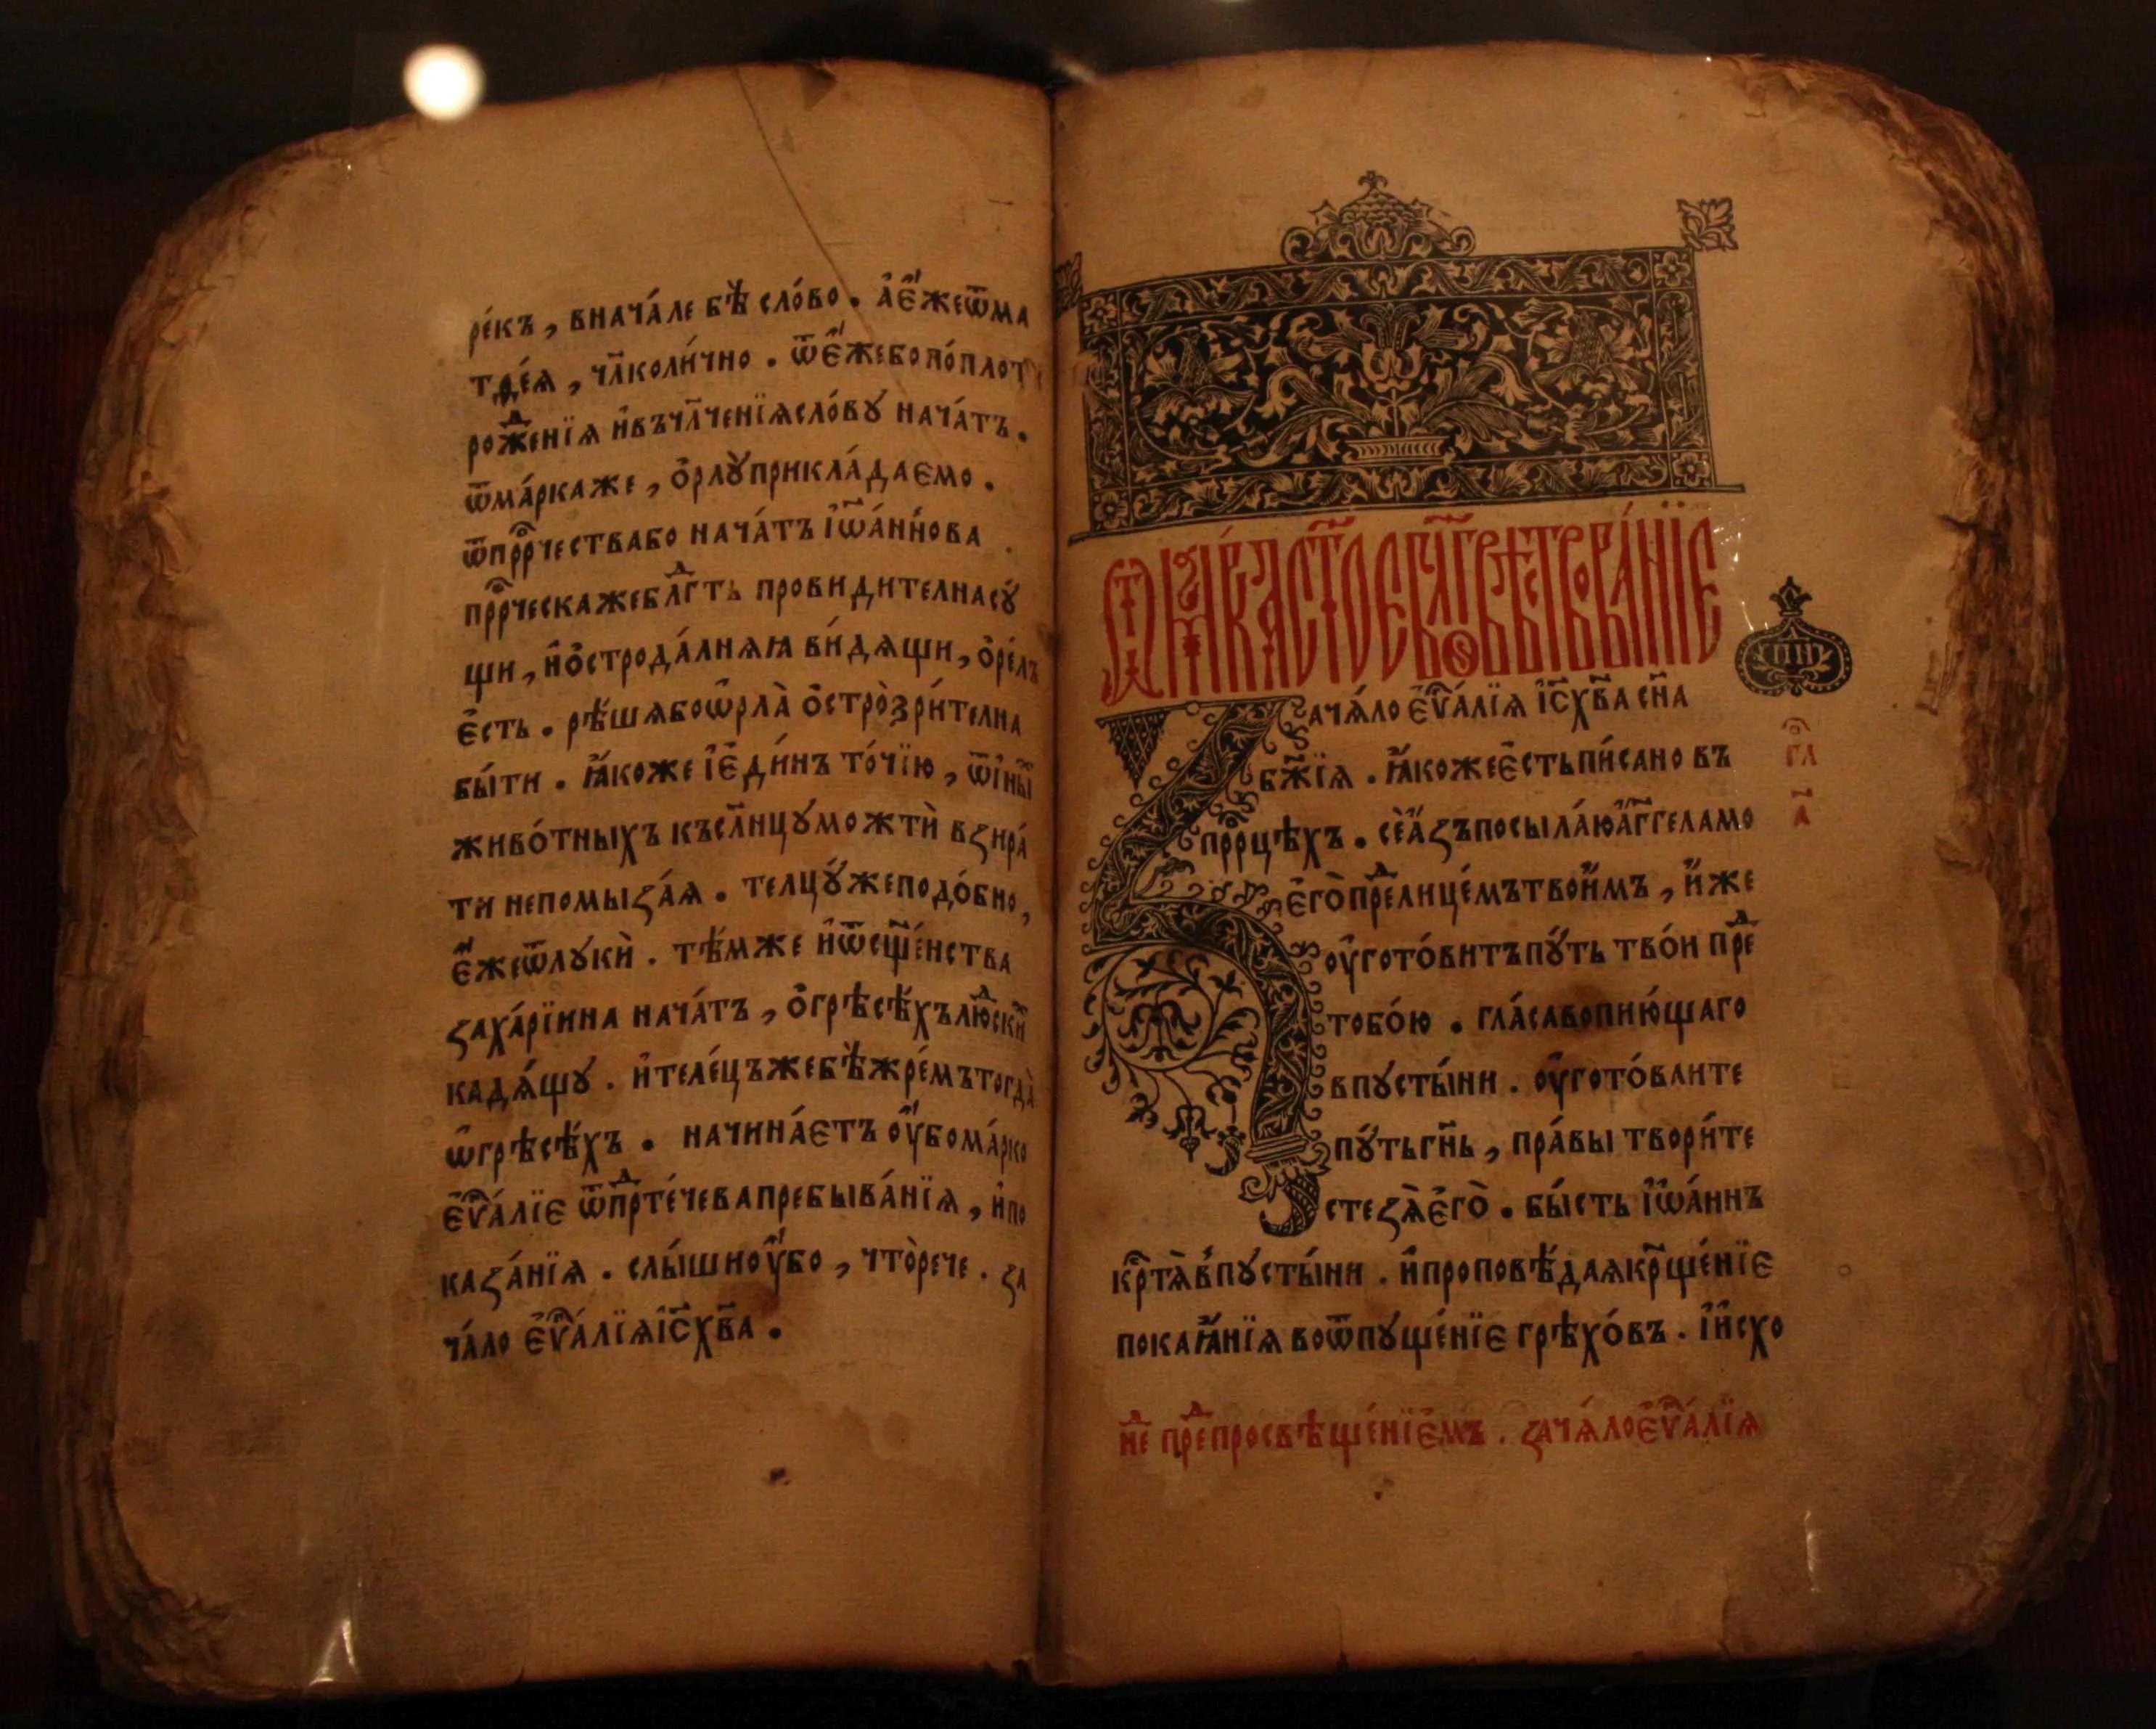 Четвероевангелие «узкошрифтное» (1553-1554). Приобретено музеем Андрея Рублёва у частного лица в 2012 году.